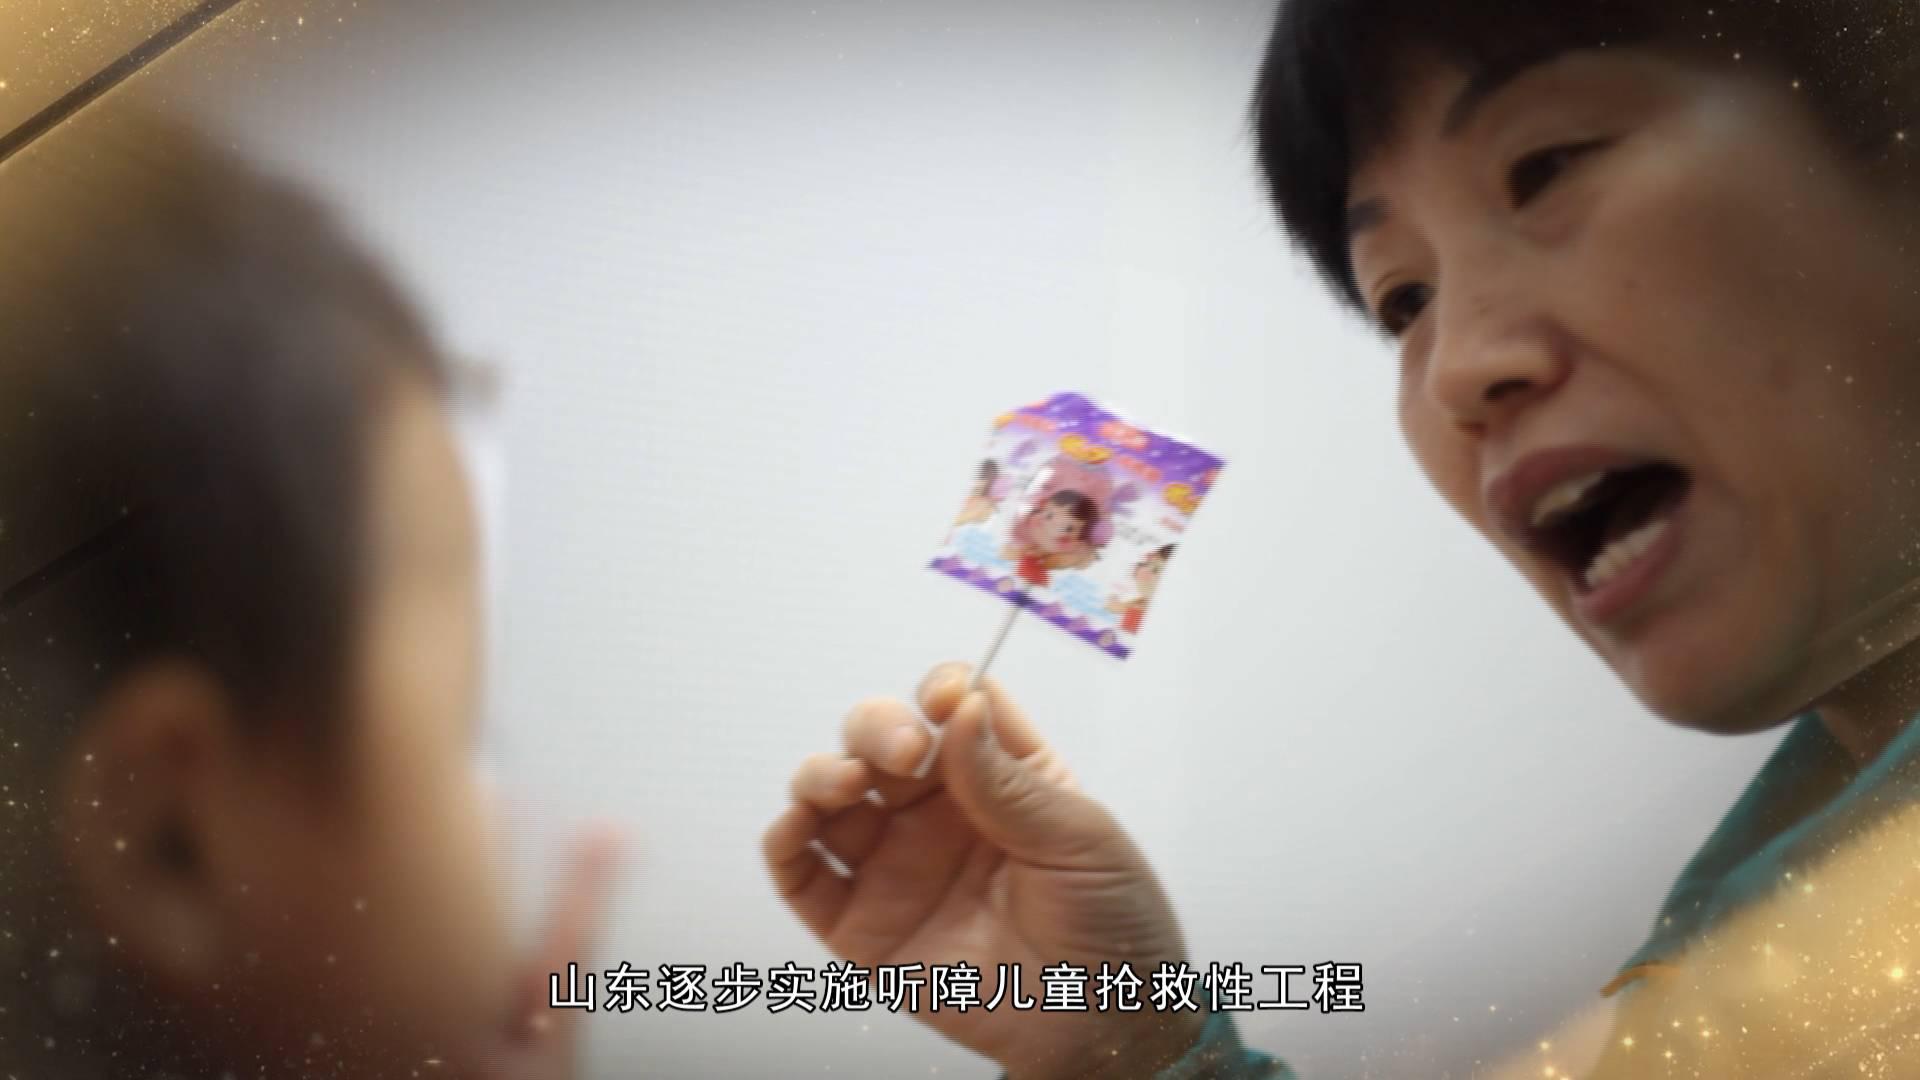 感动山东40人40事|听障儿童抢救性工程让听障儿童告别无声世界